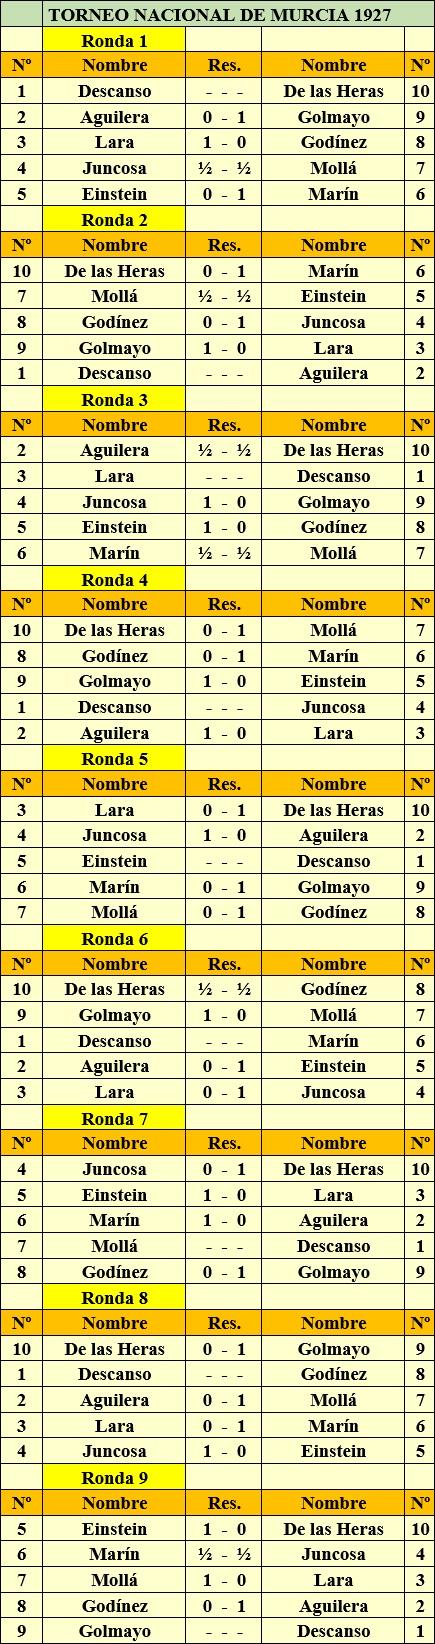 Torneo Nacional de Ajedrez Murcia-1927 - Detalle de todos los emparejamientos